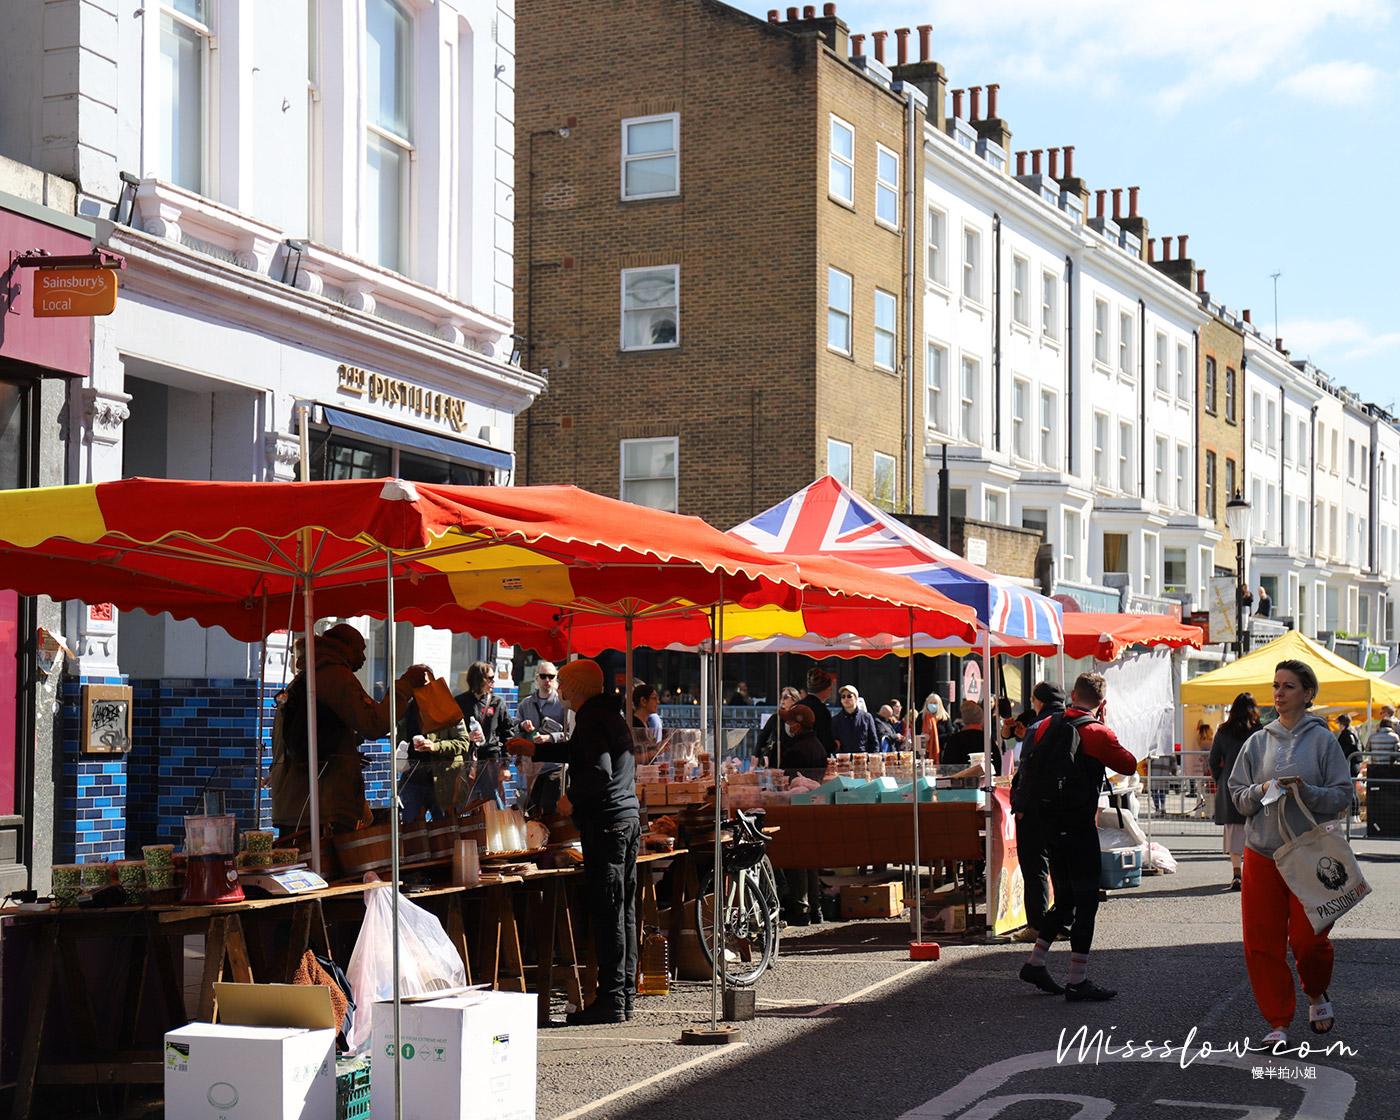 諾丁丘-一到週末就會聚滿攤販和人潮的Portobello Market